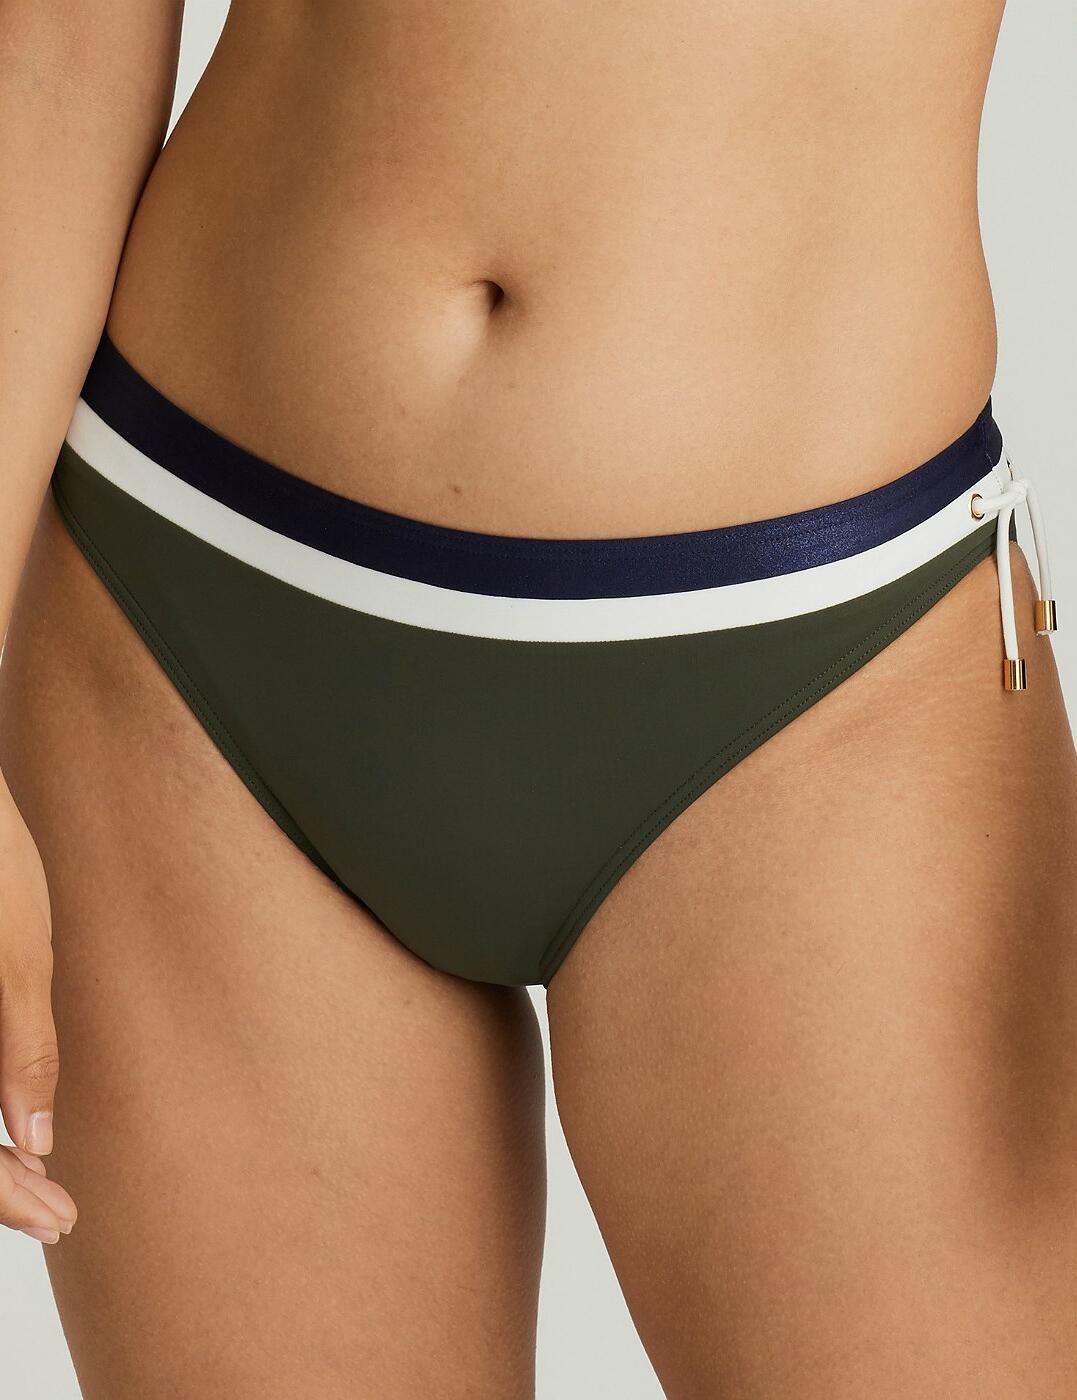 4002050 Prima Donna Ocean Drive Rio Bikini Brief - 4002050 Dark Olive